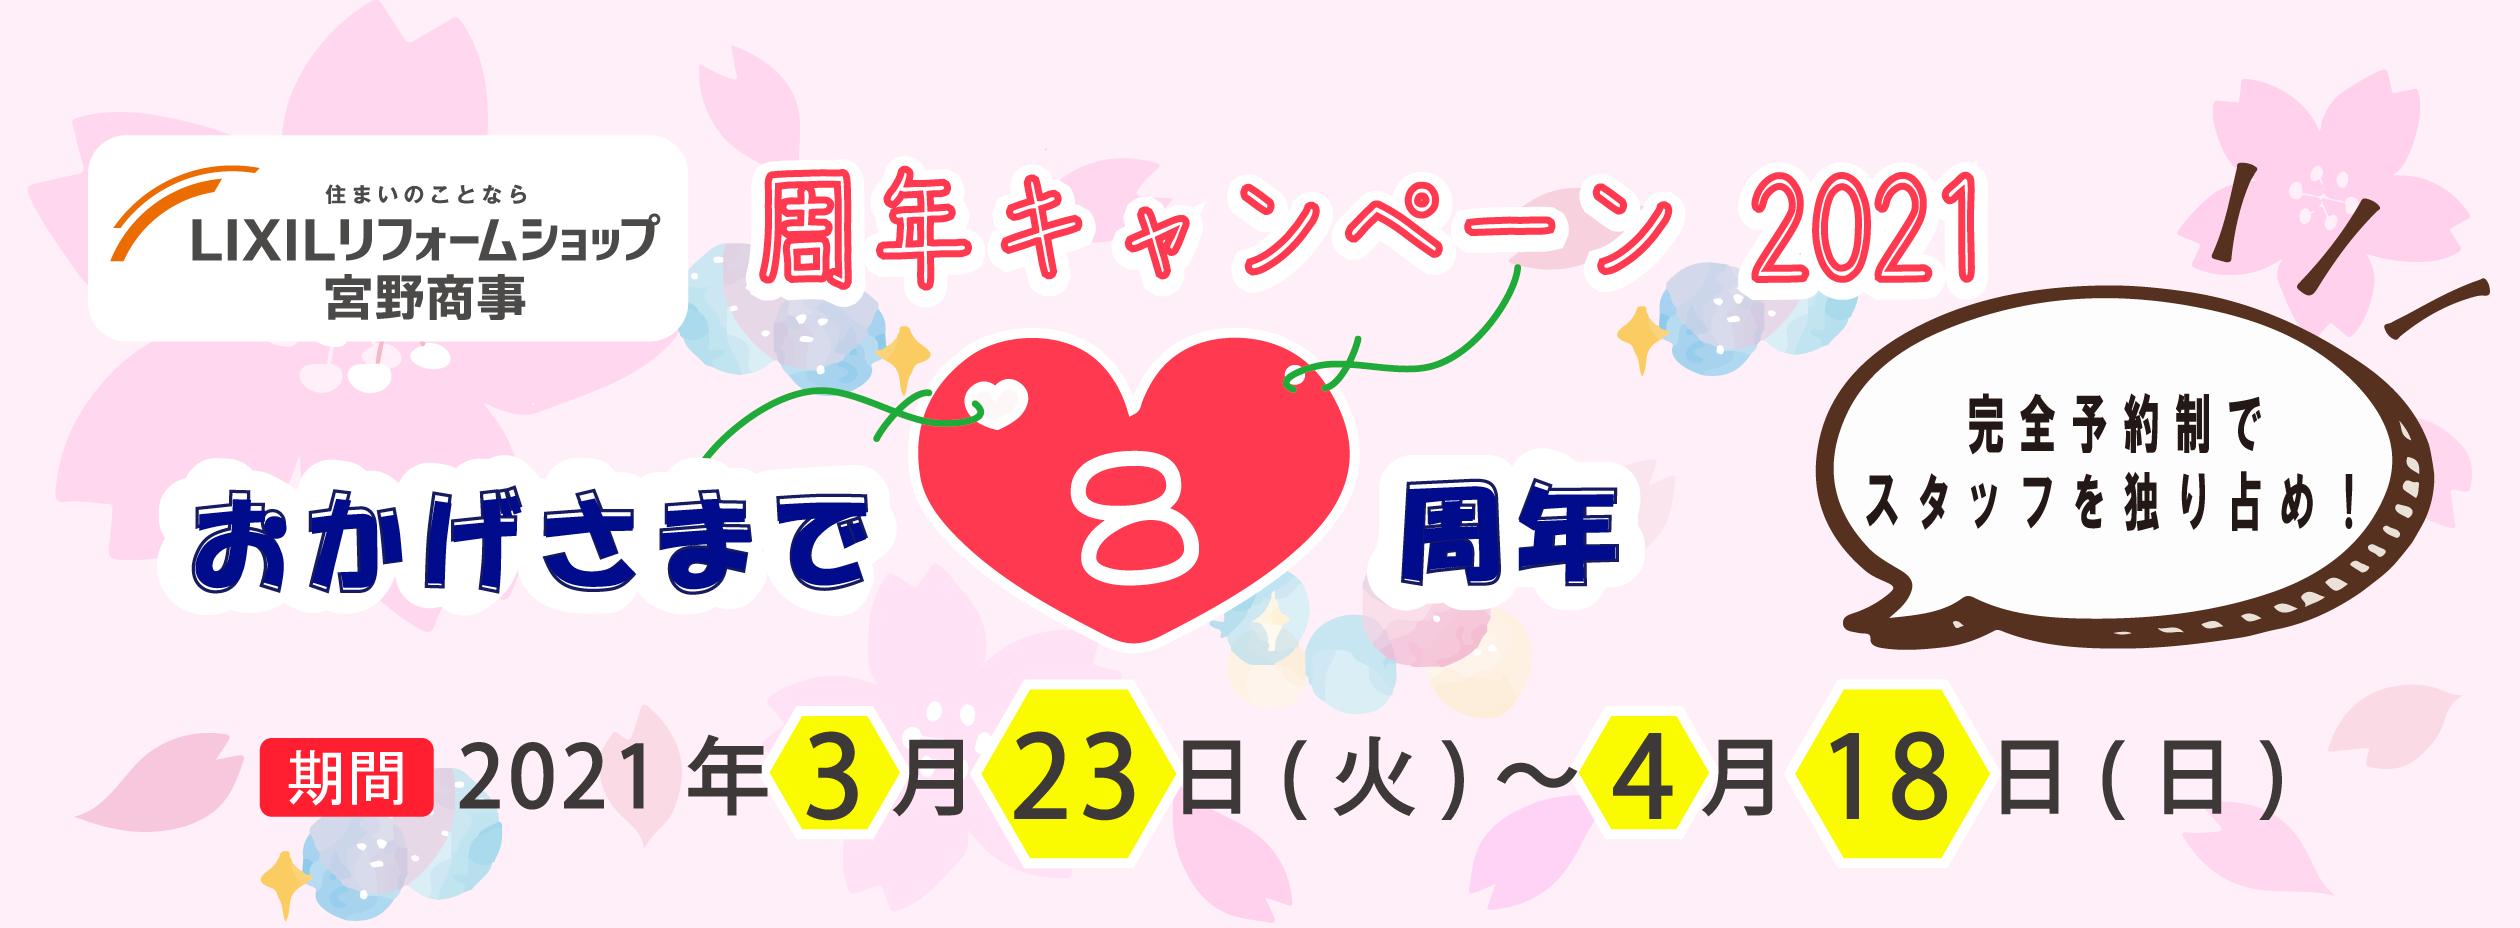 LIXILリフォームショップ宮野商事「8周年キャンペーン」